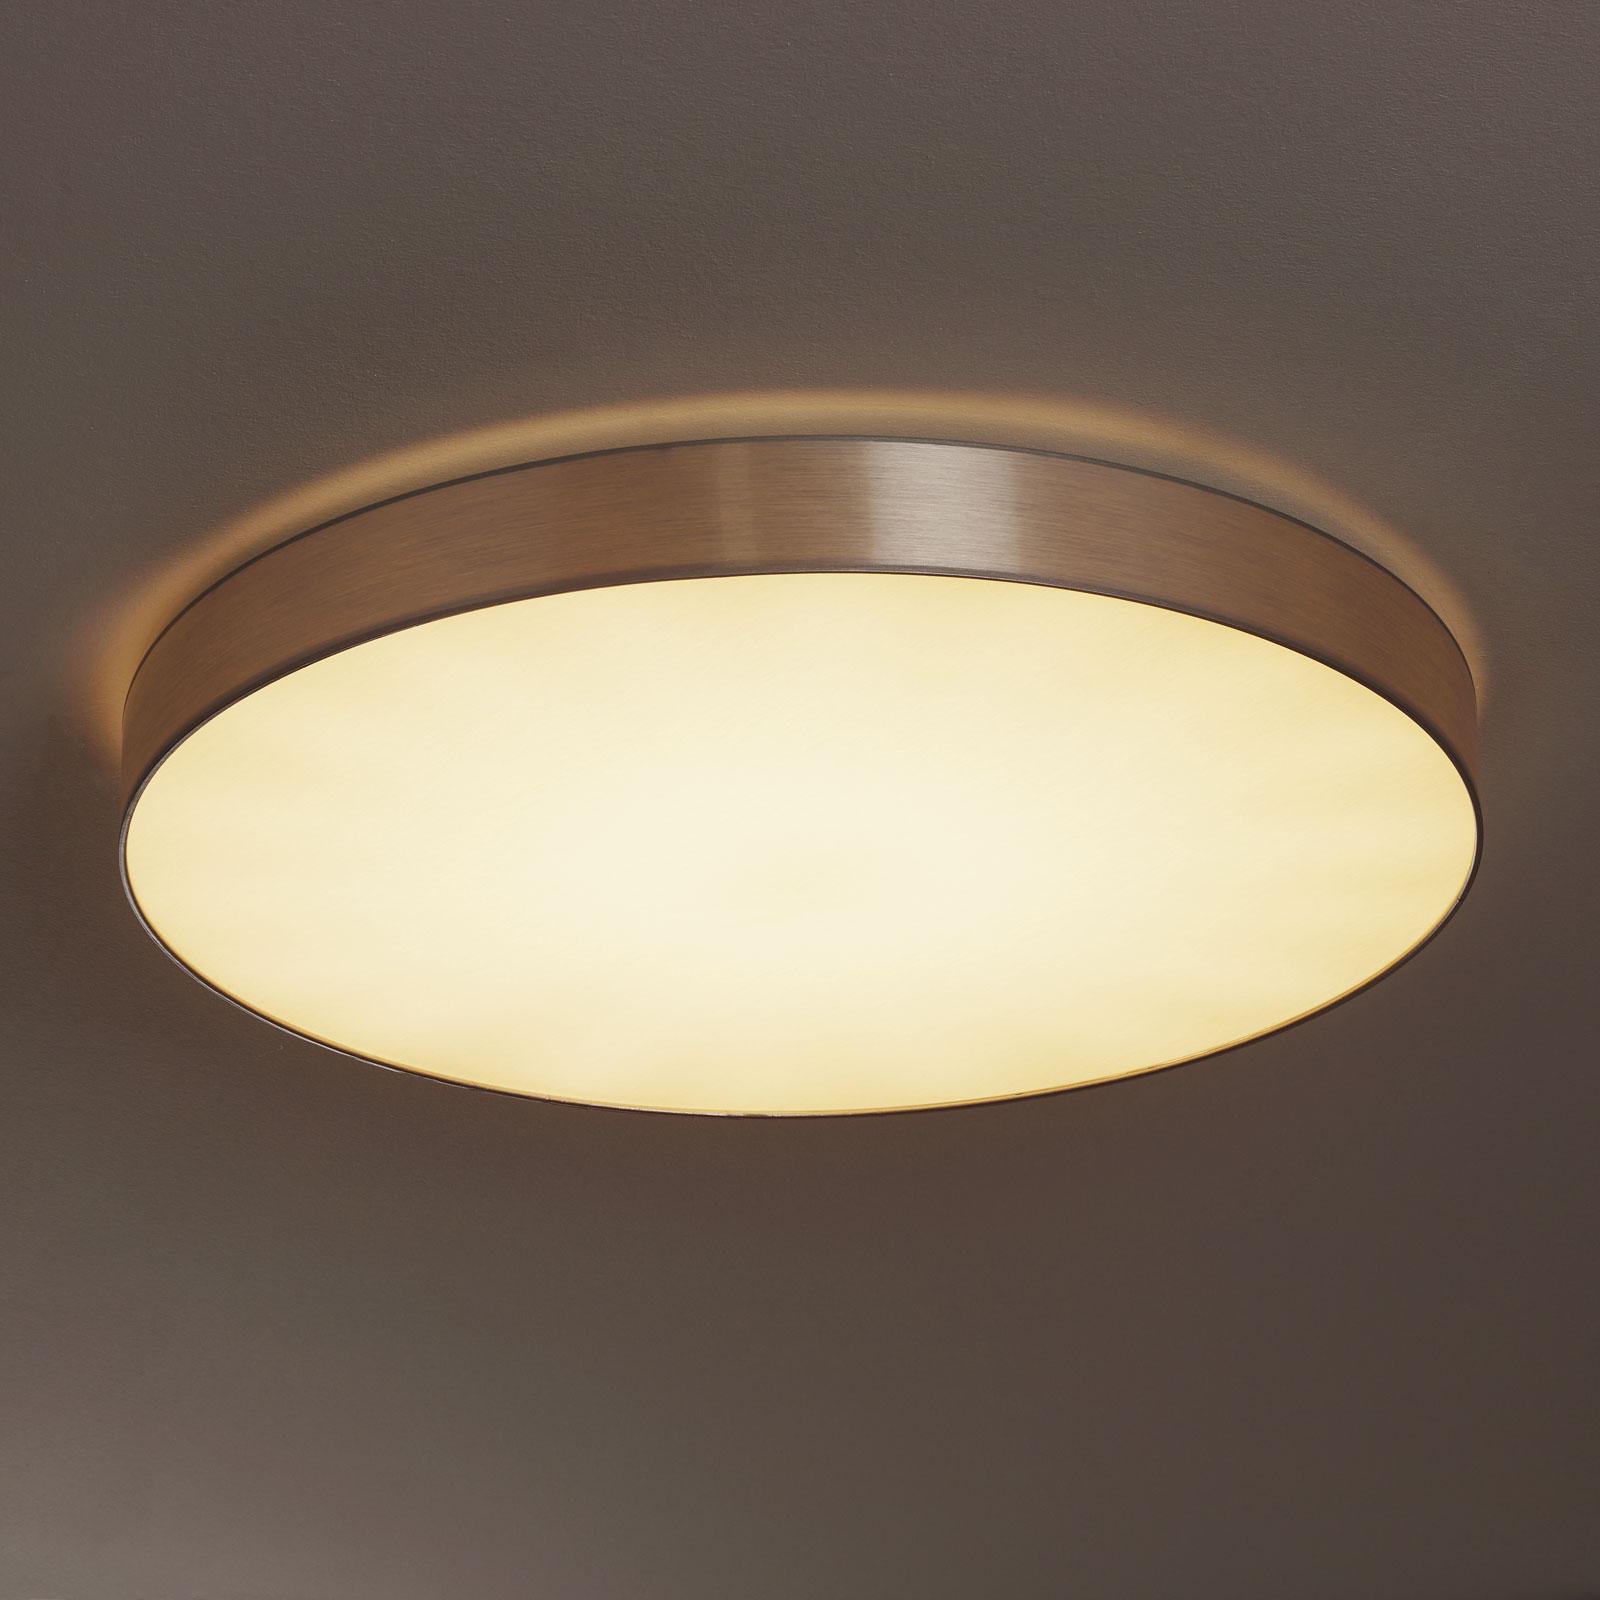 Lampa sufitowa LED Aurelia z funkcją ściemniania